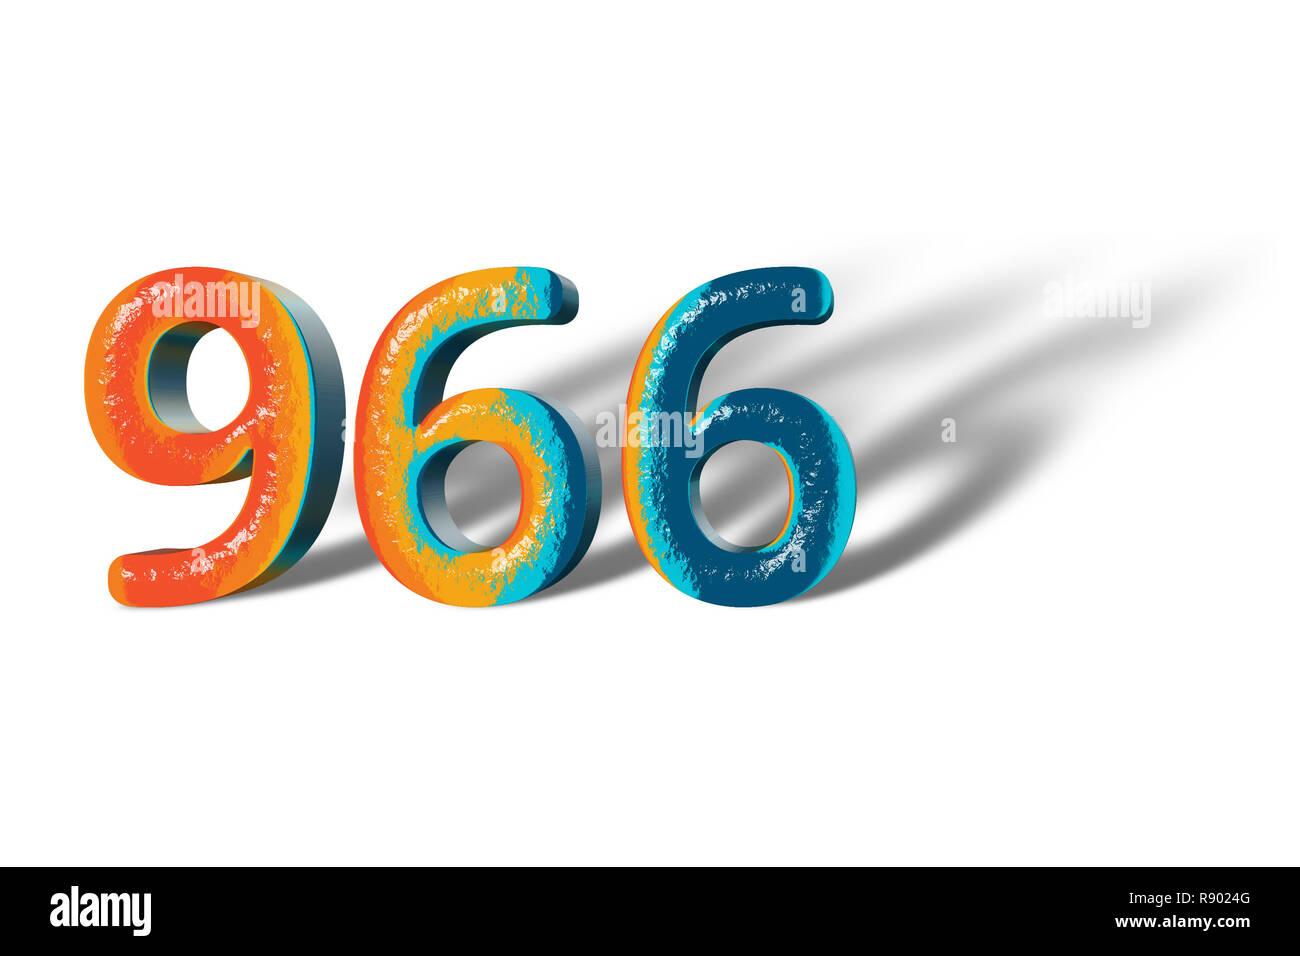 Numéro 966 3D neuf cent soixante six couleurs vives Photo Stock